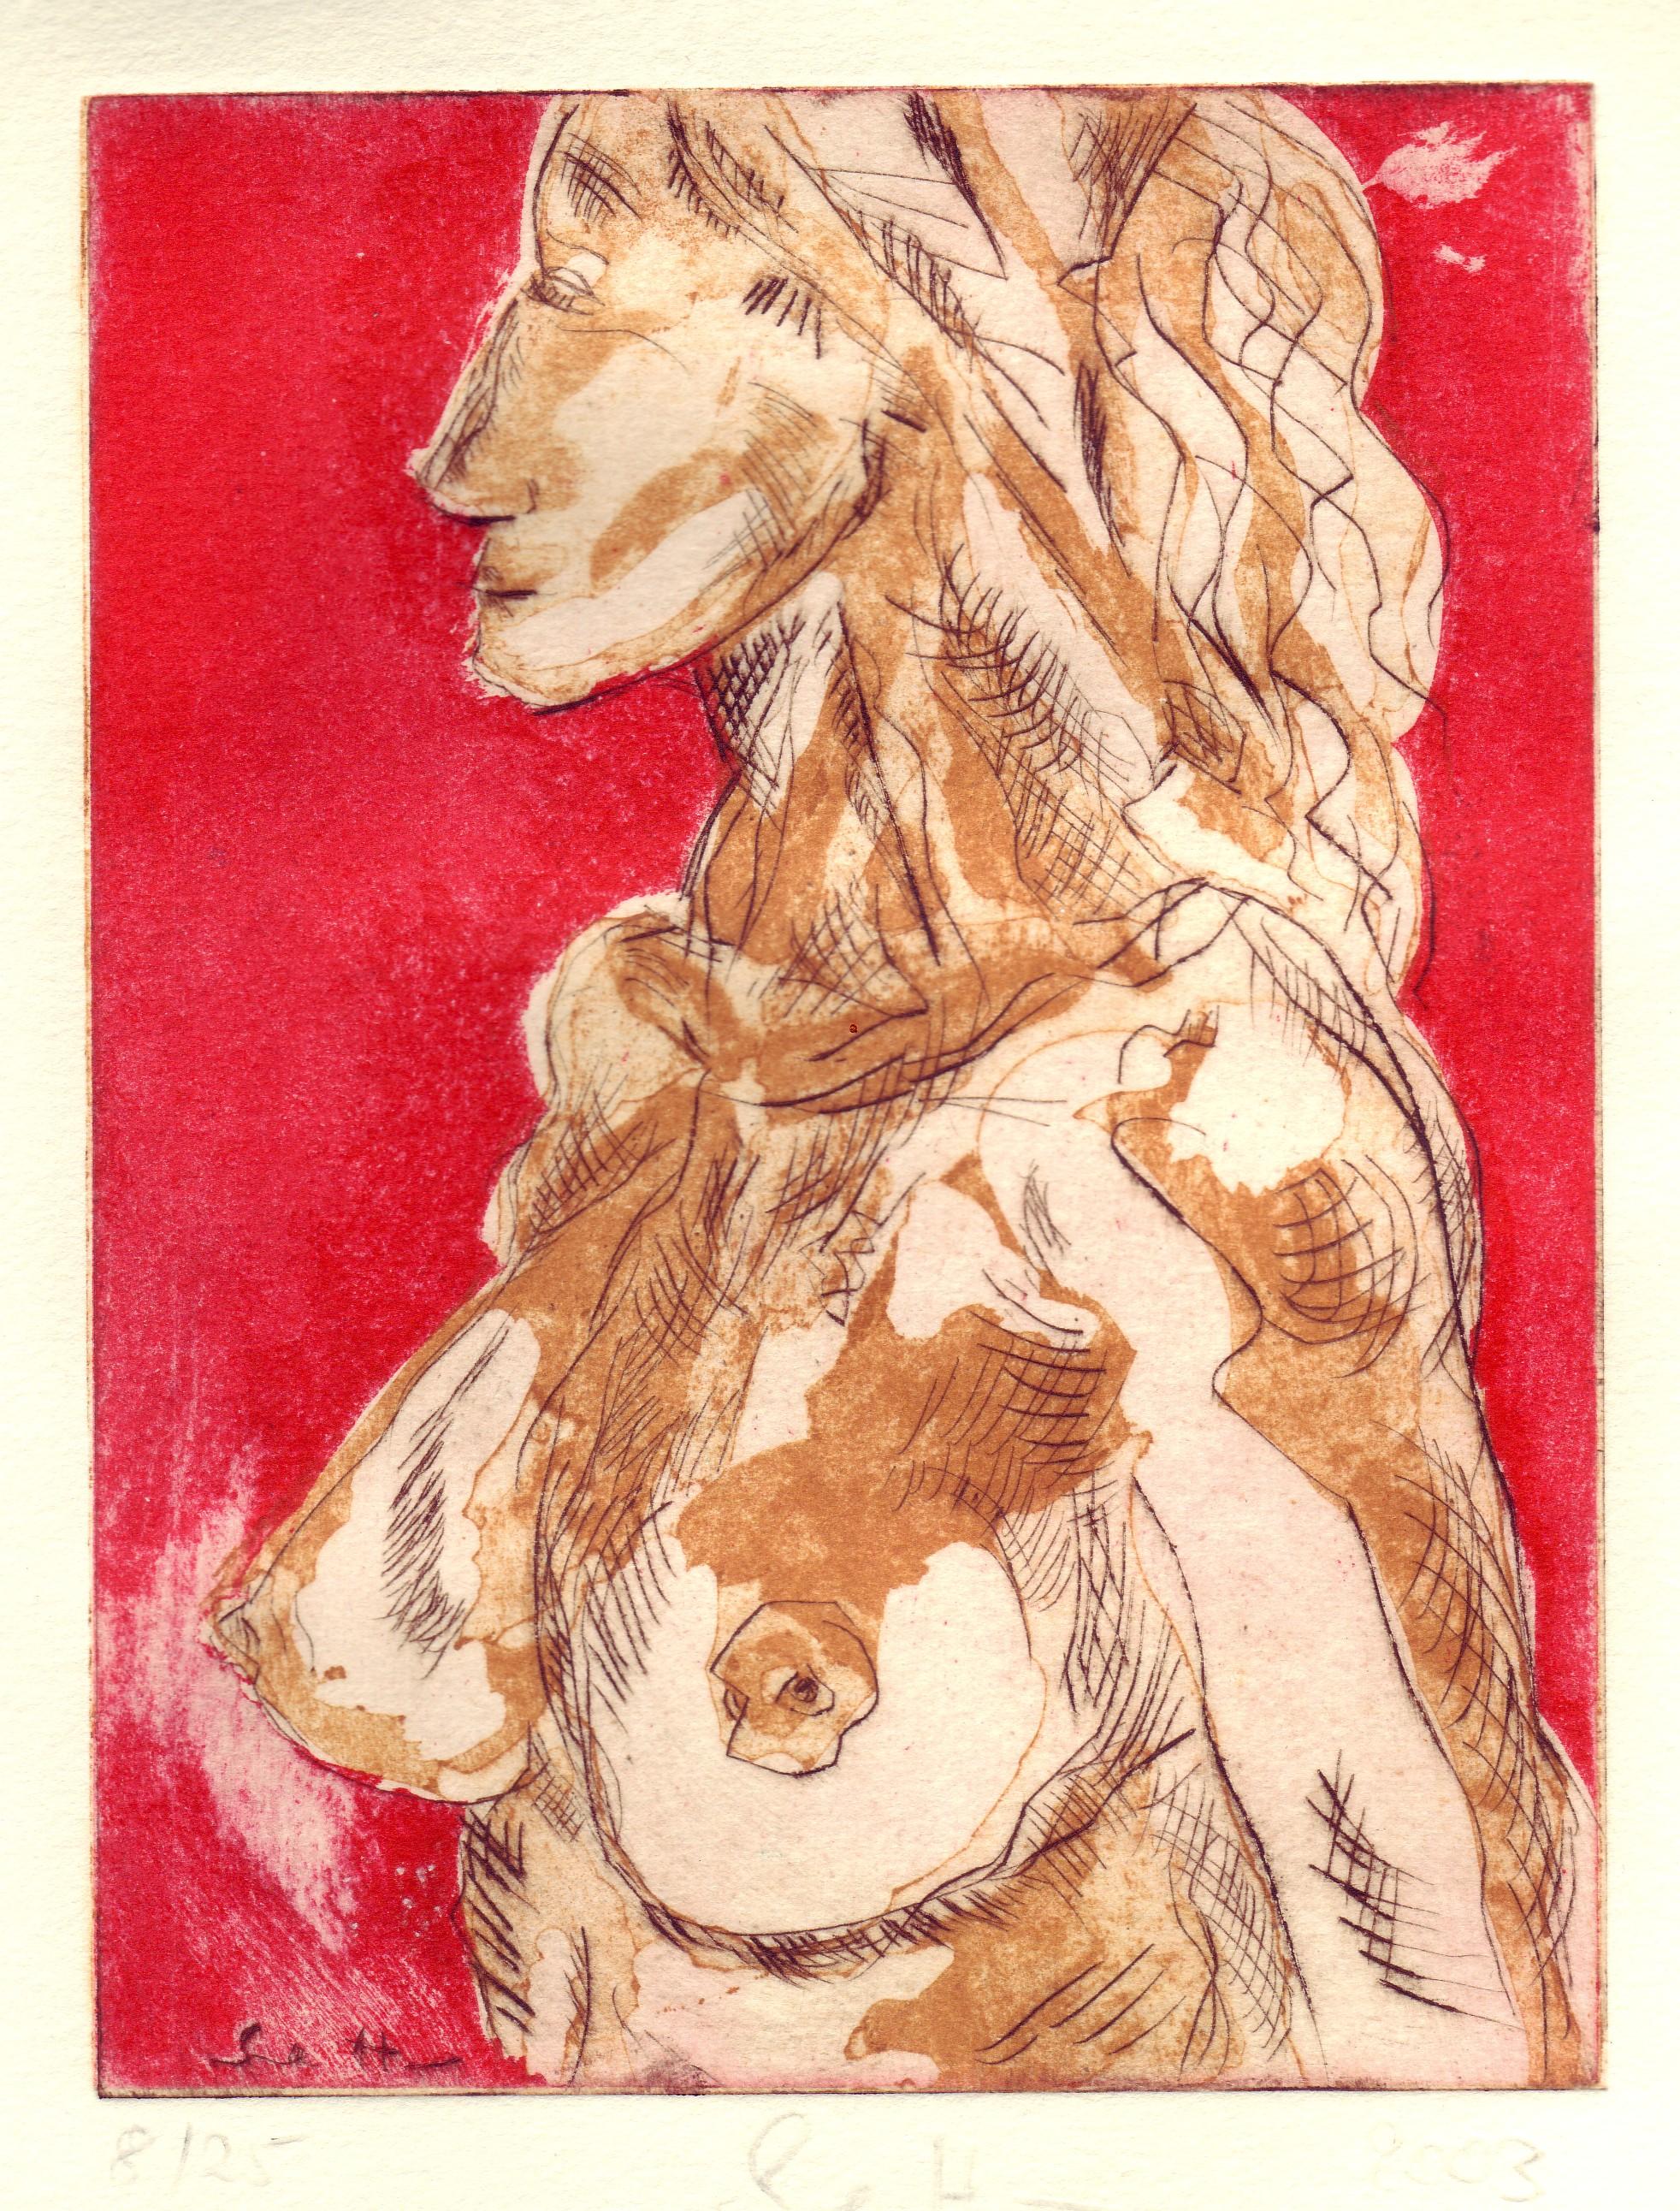 Büste - Aquatinta von Susanne Haun, 3 Platten, 20 x 15 cm